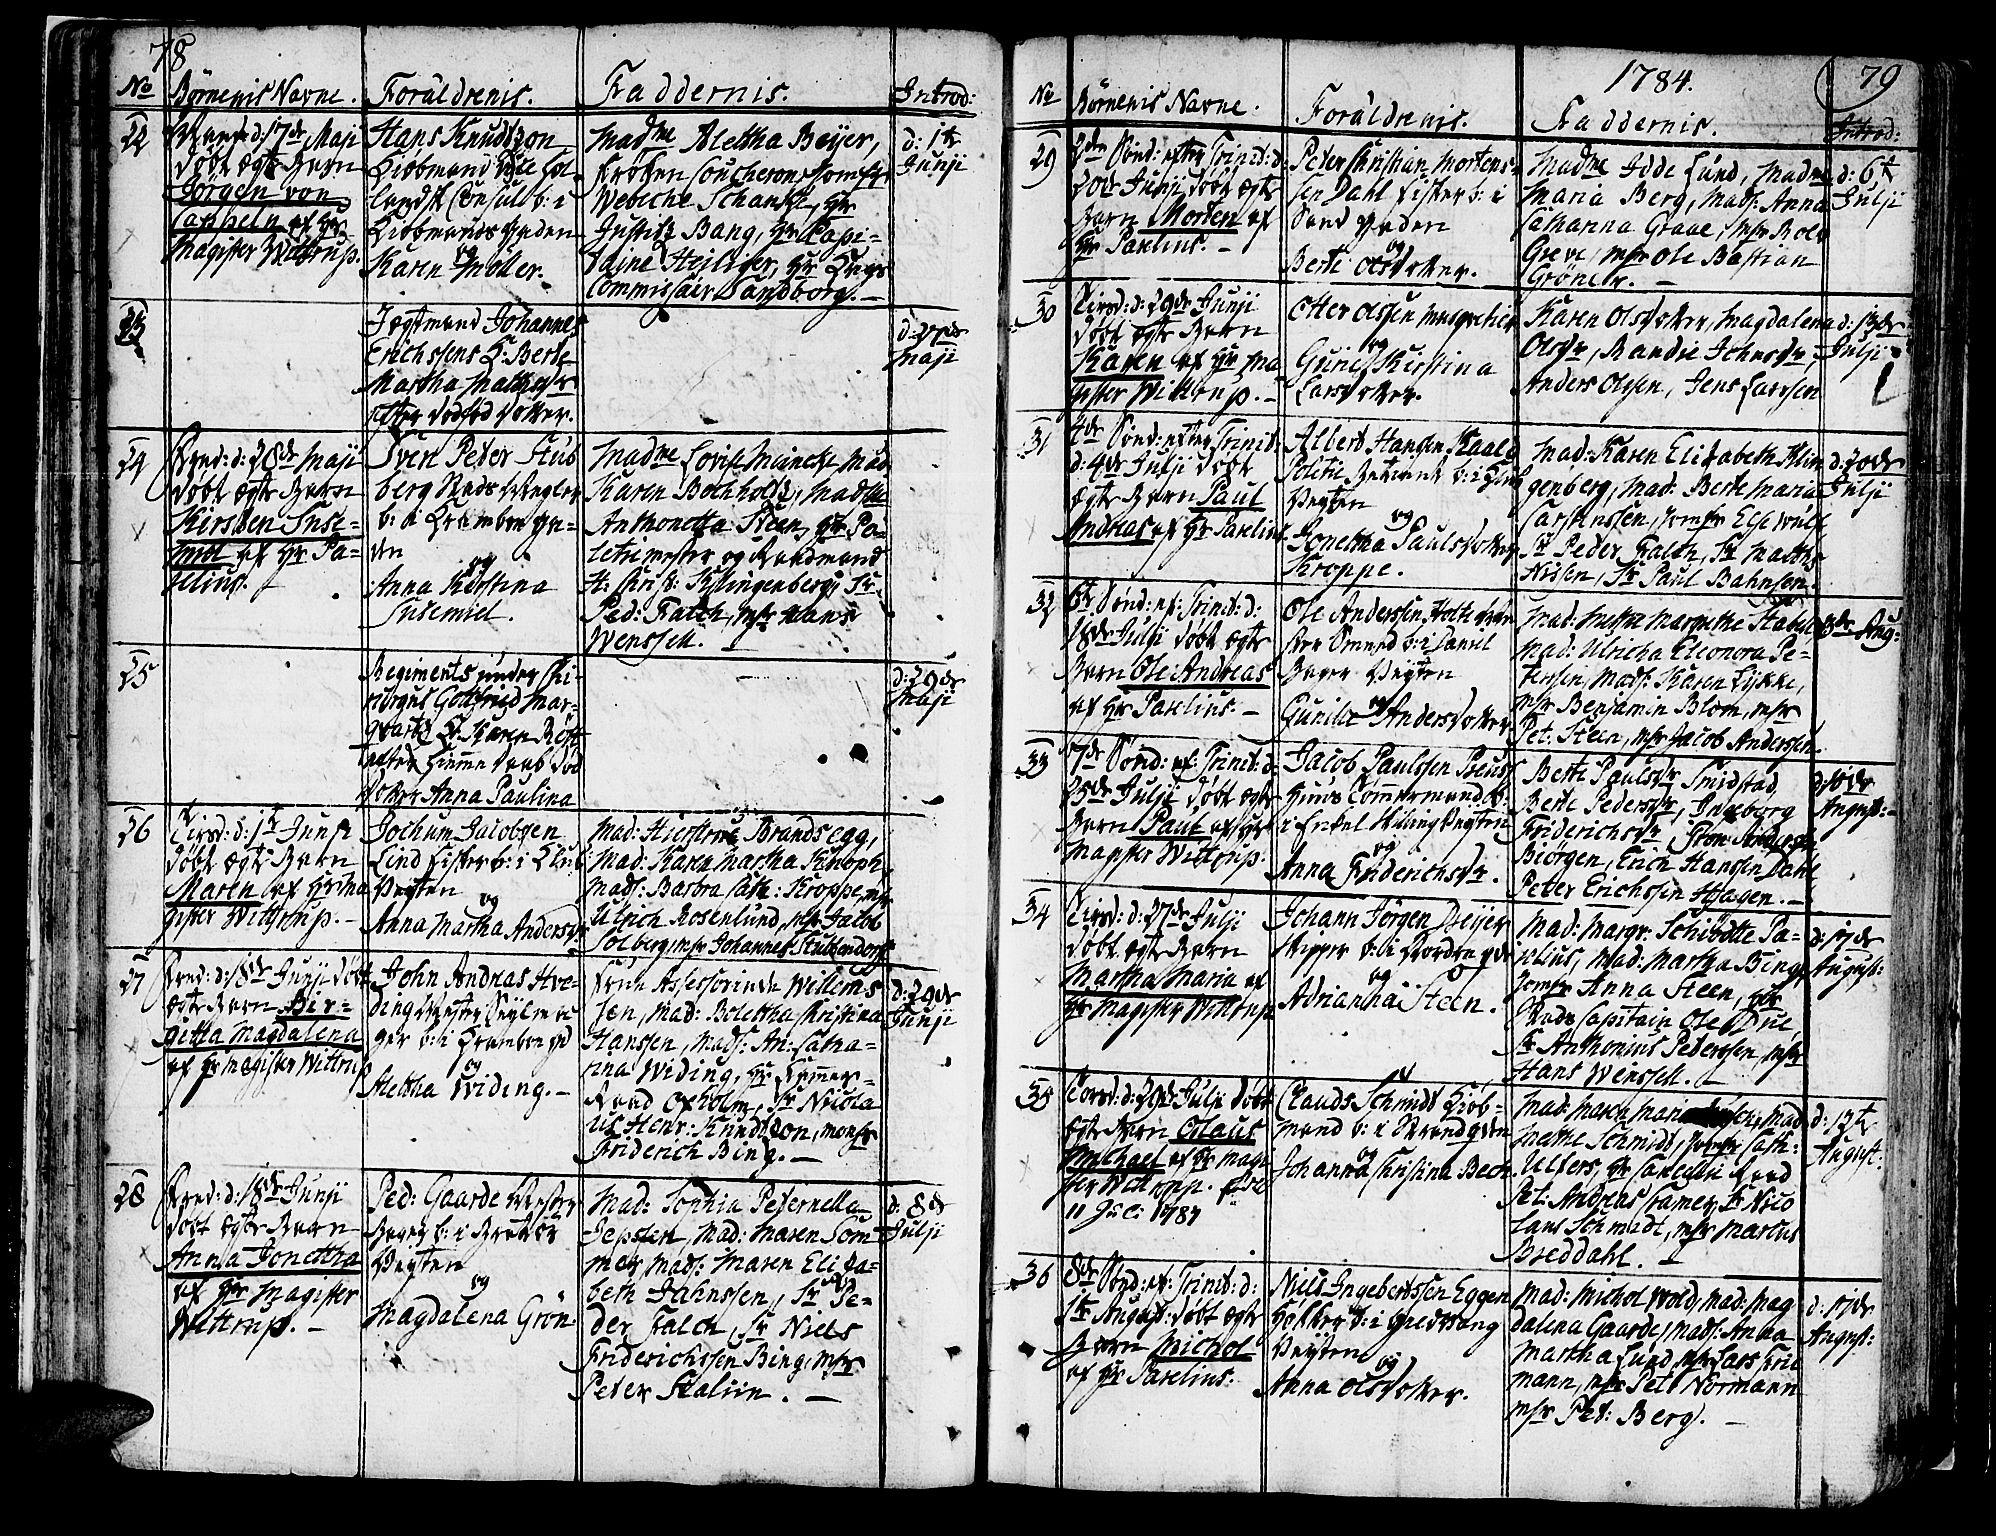 SAT, Ministerialprotokoller, klokkerbøker og fødselsregistre - Sør-Trøndelag, 602/L0104: Ministerialbok nr. 602A02, 1774-1814, s. 78-79